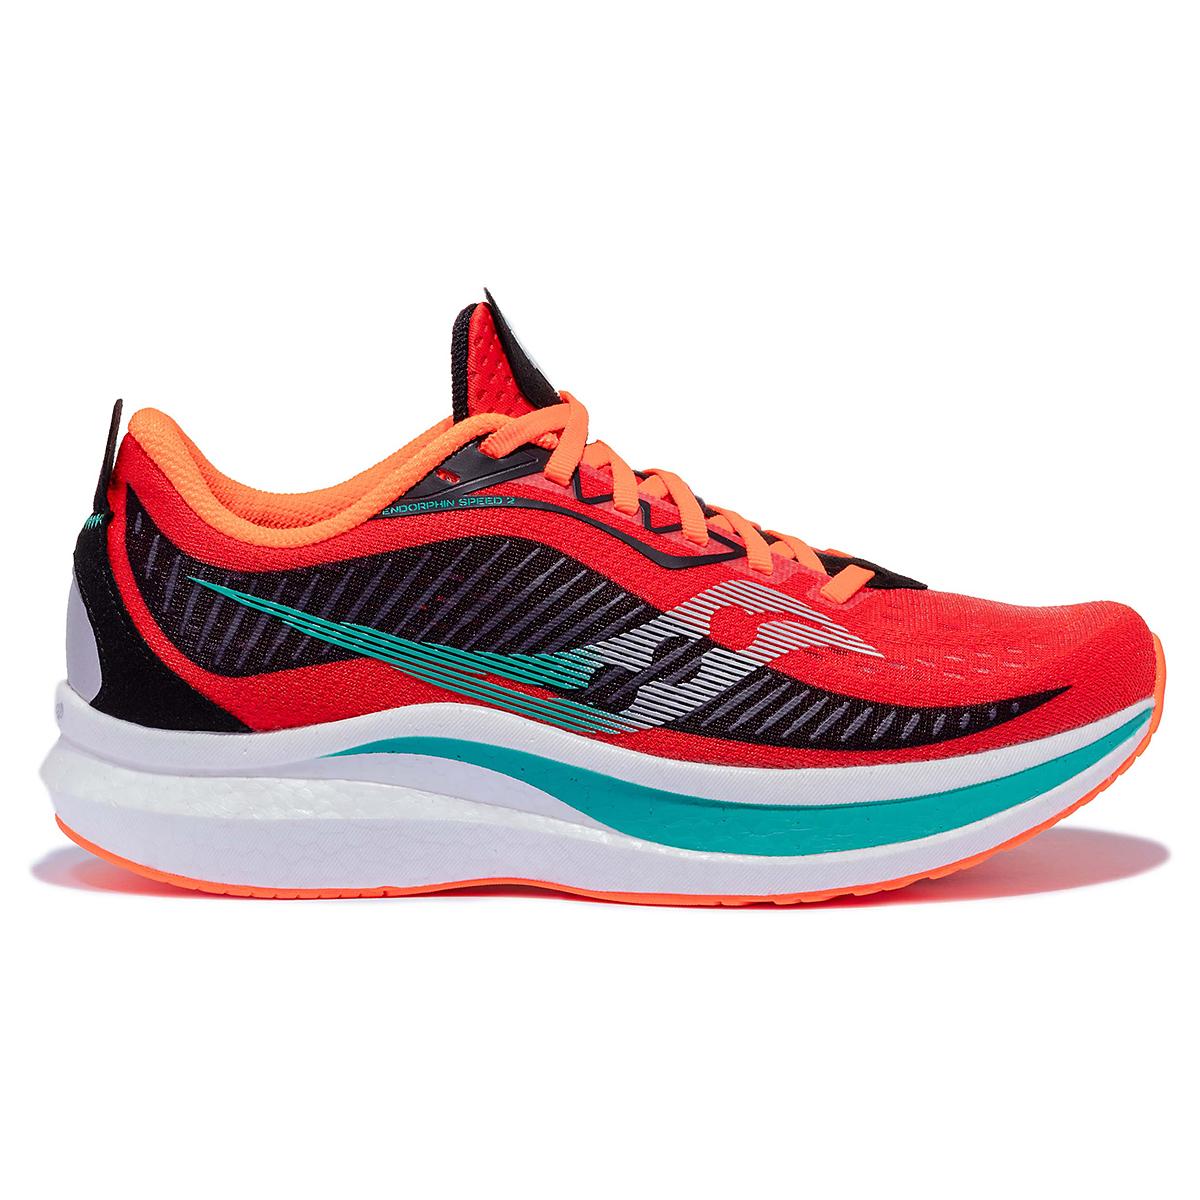 Men's Saucony Endorphin Speed 2 Running Shoe - Color: Scarlet / Black - Size: 7 - Width: Regular, Scarlet / Black, large, image 1